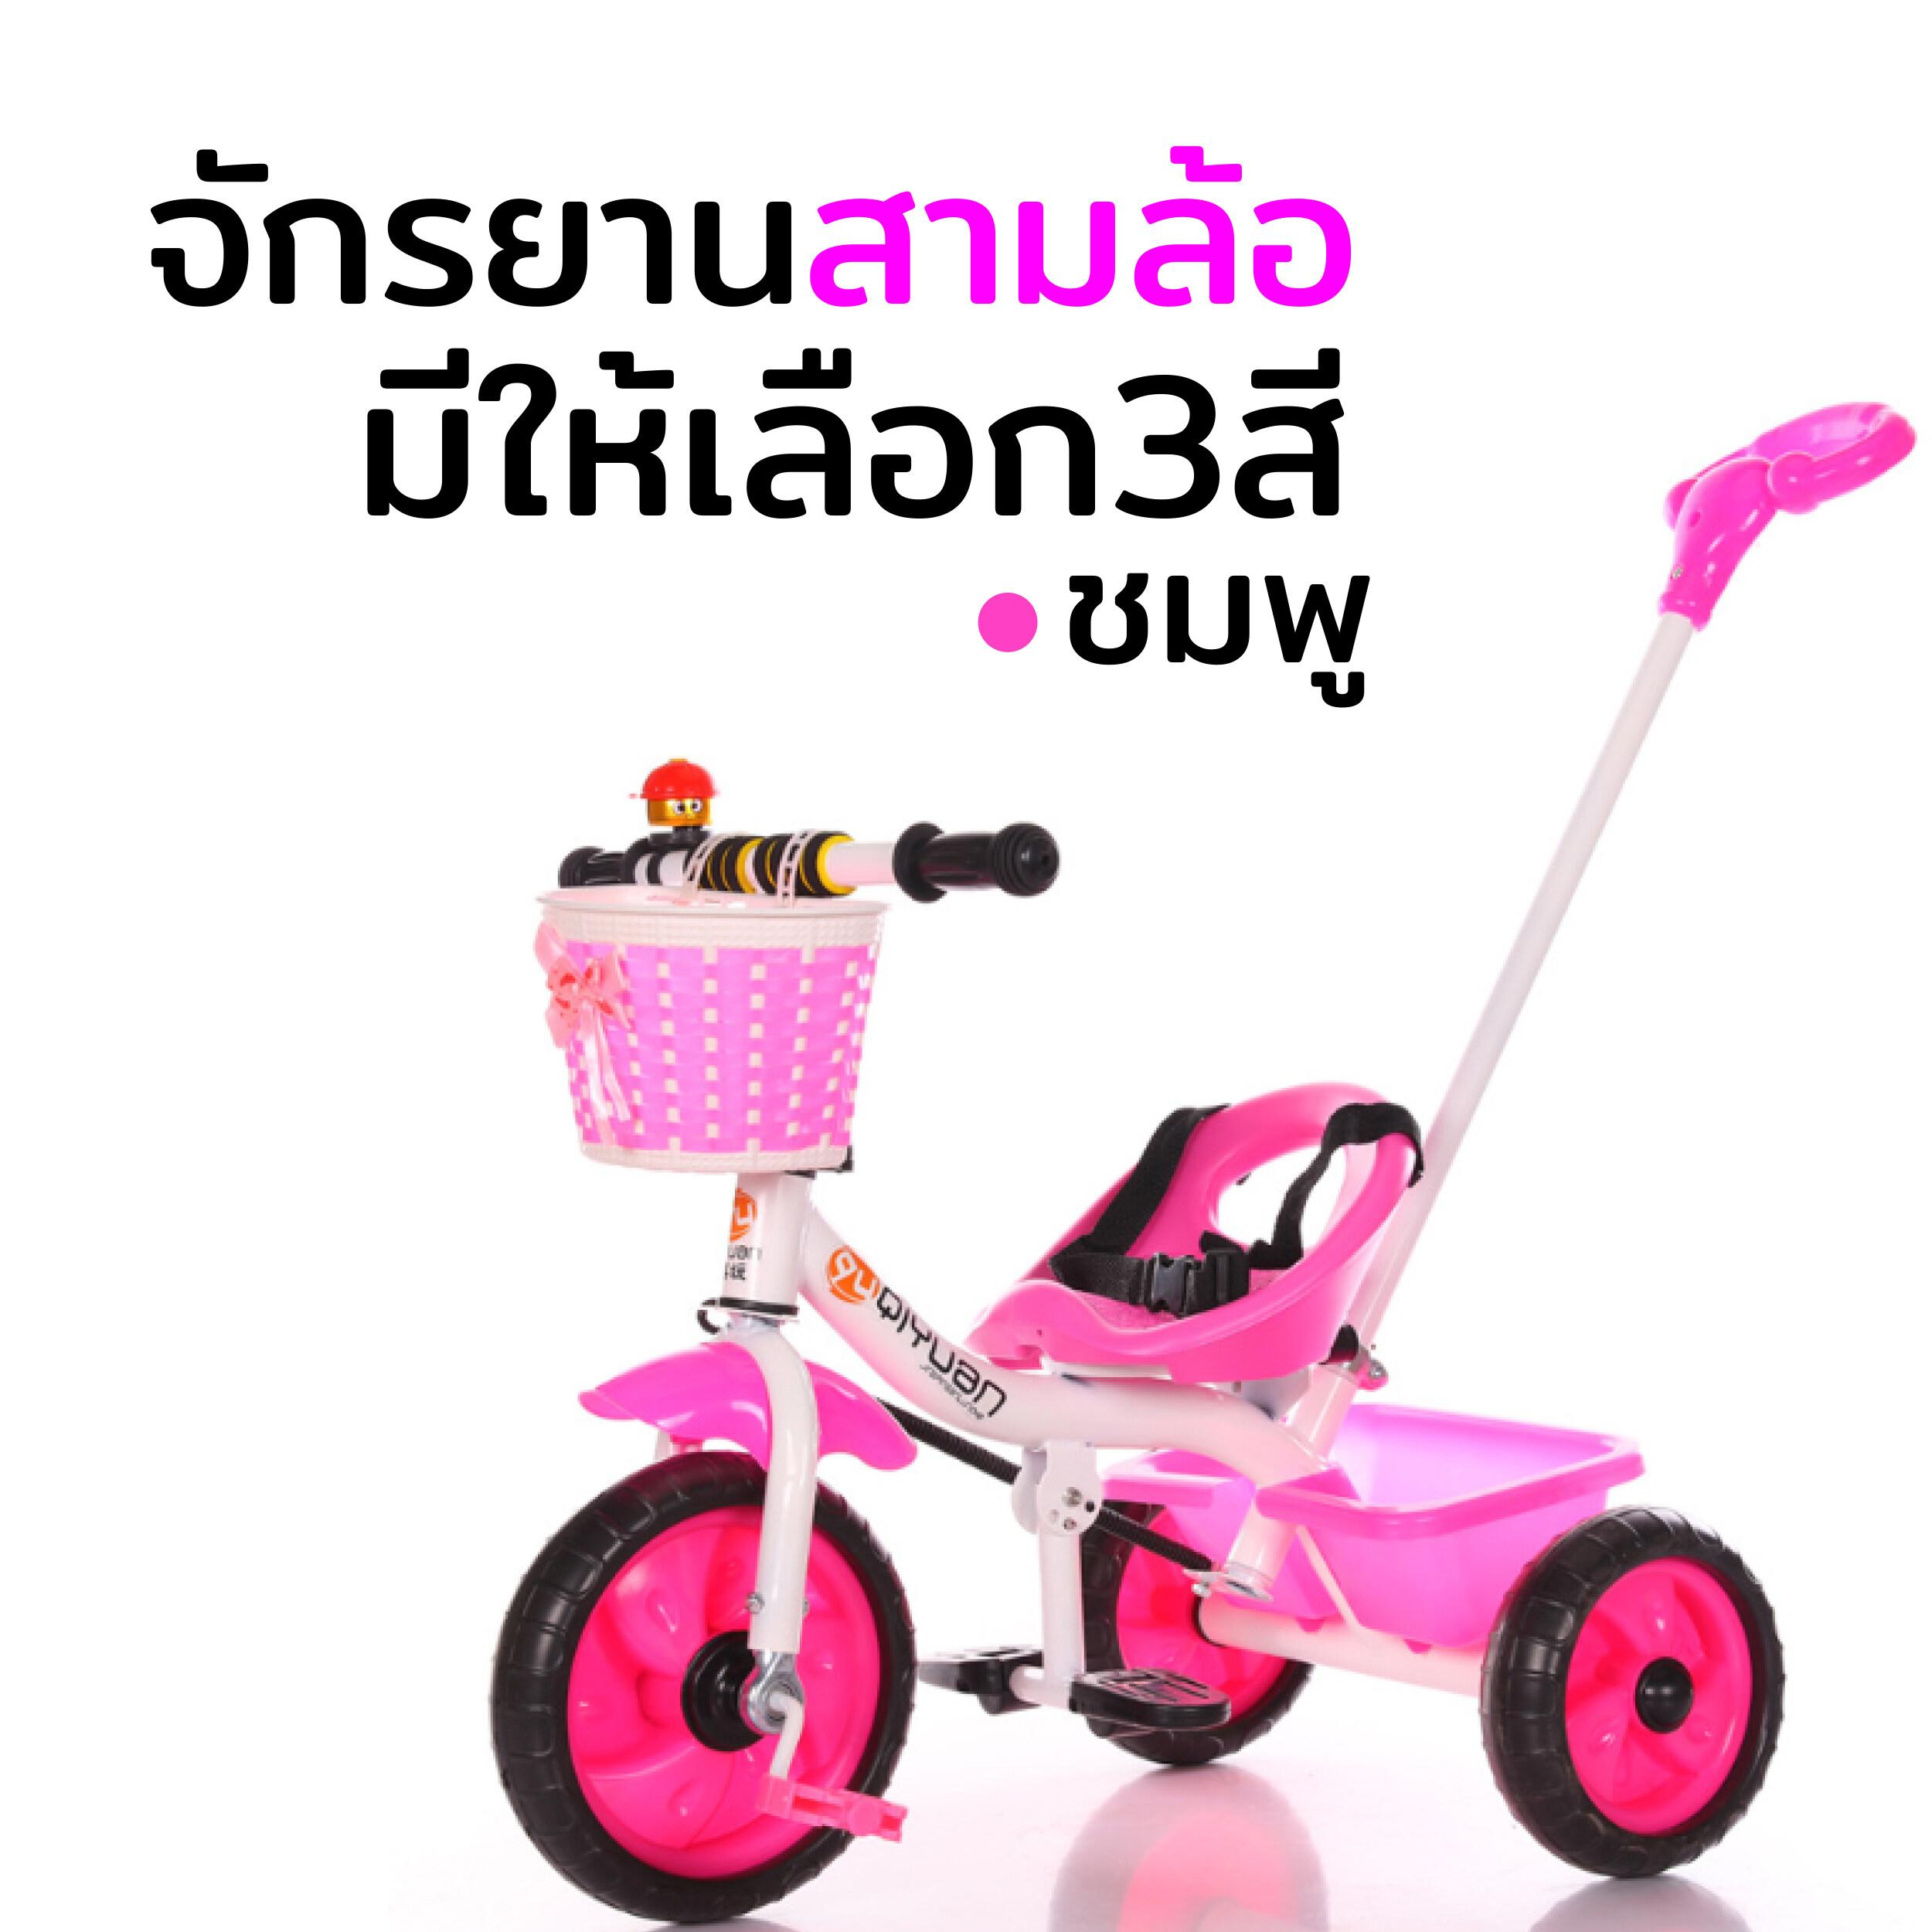 DEE TAXT2020จักรยาน จักรยานเด็ก จักรยานสามล้อเด็กแบบพิเศษ ล้อ แข็งแรง วิ่งนิ่ม พร้อมตะกร้าใส่ของหน้าหลัง